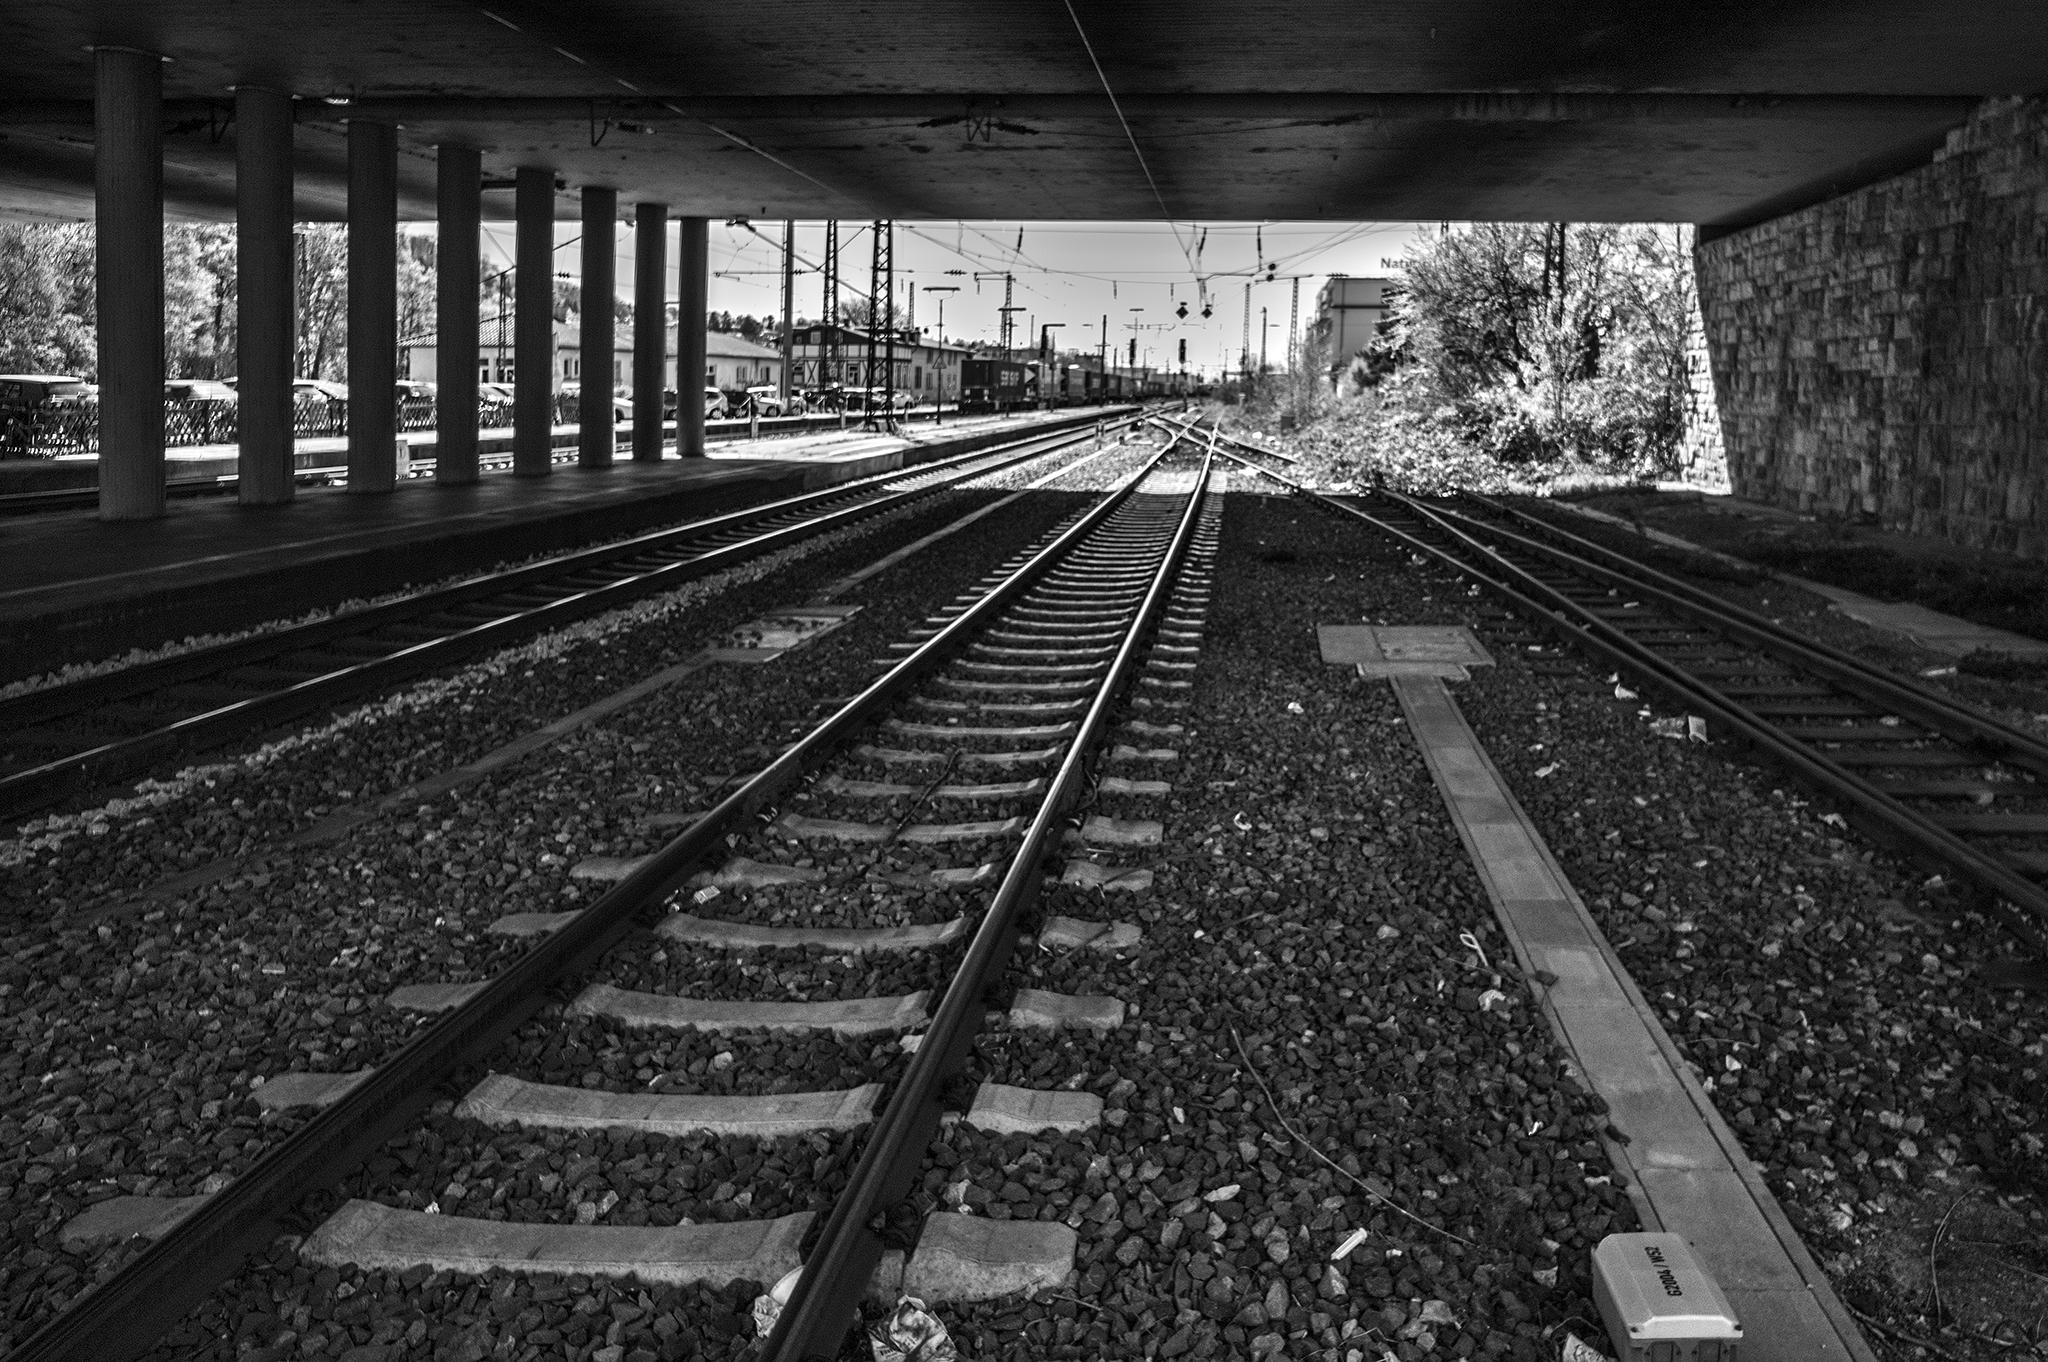 2015-04-15-BahnhofWeinheim-L1001583 by Roger Schäfer.